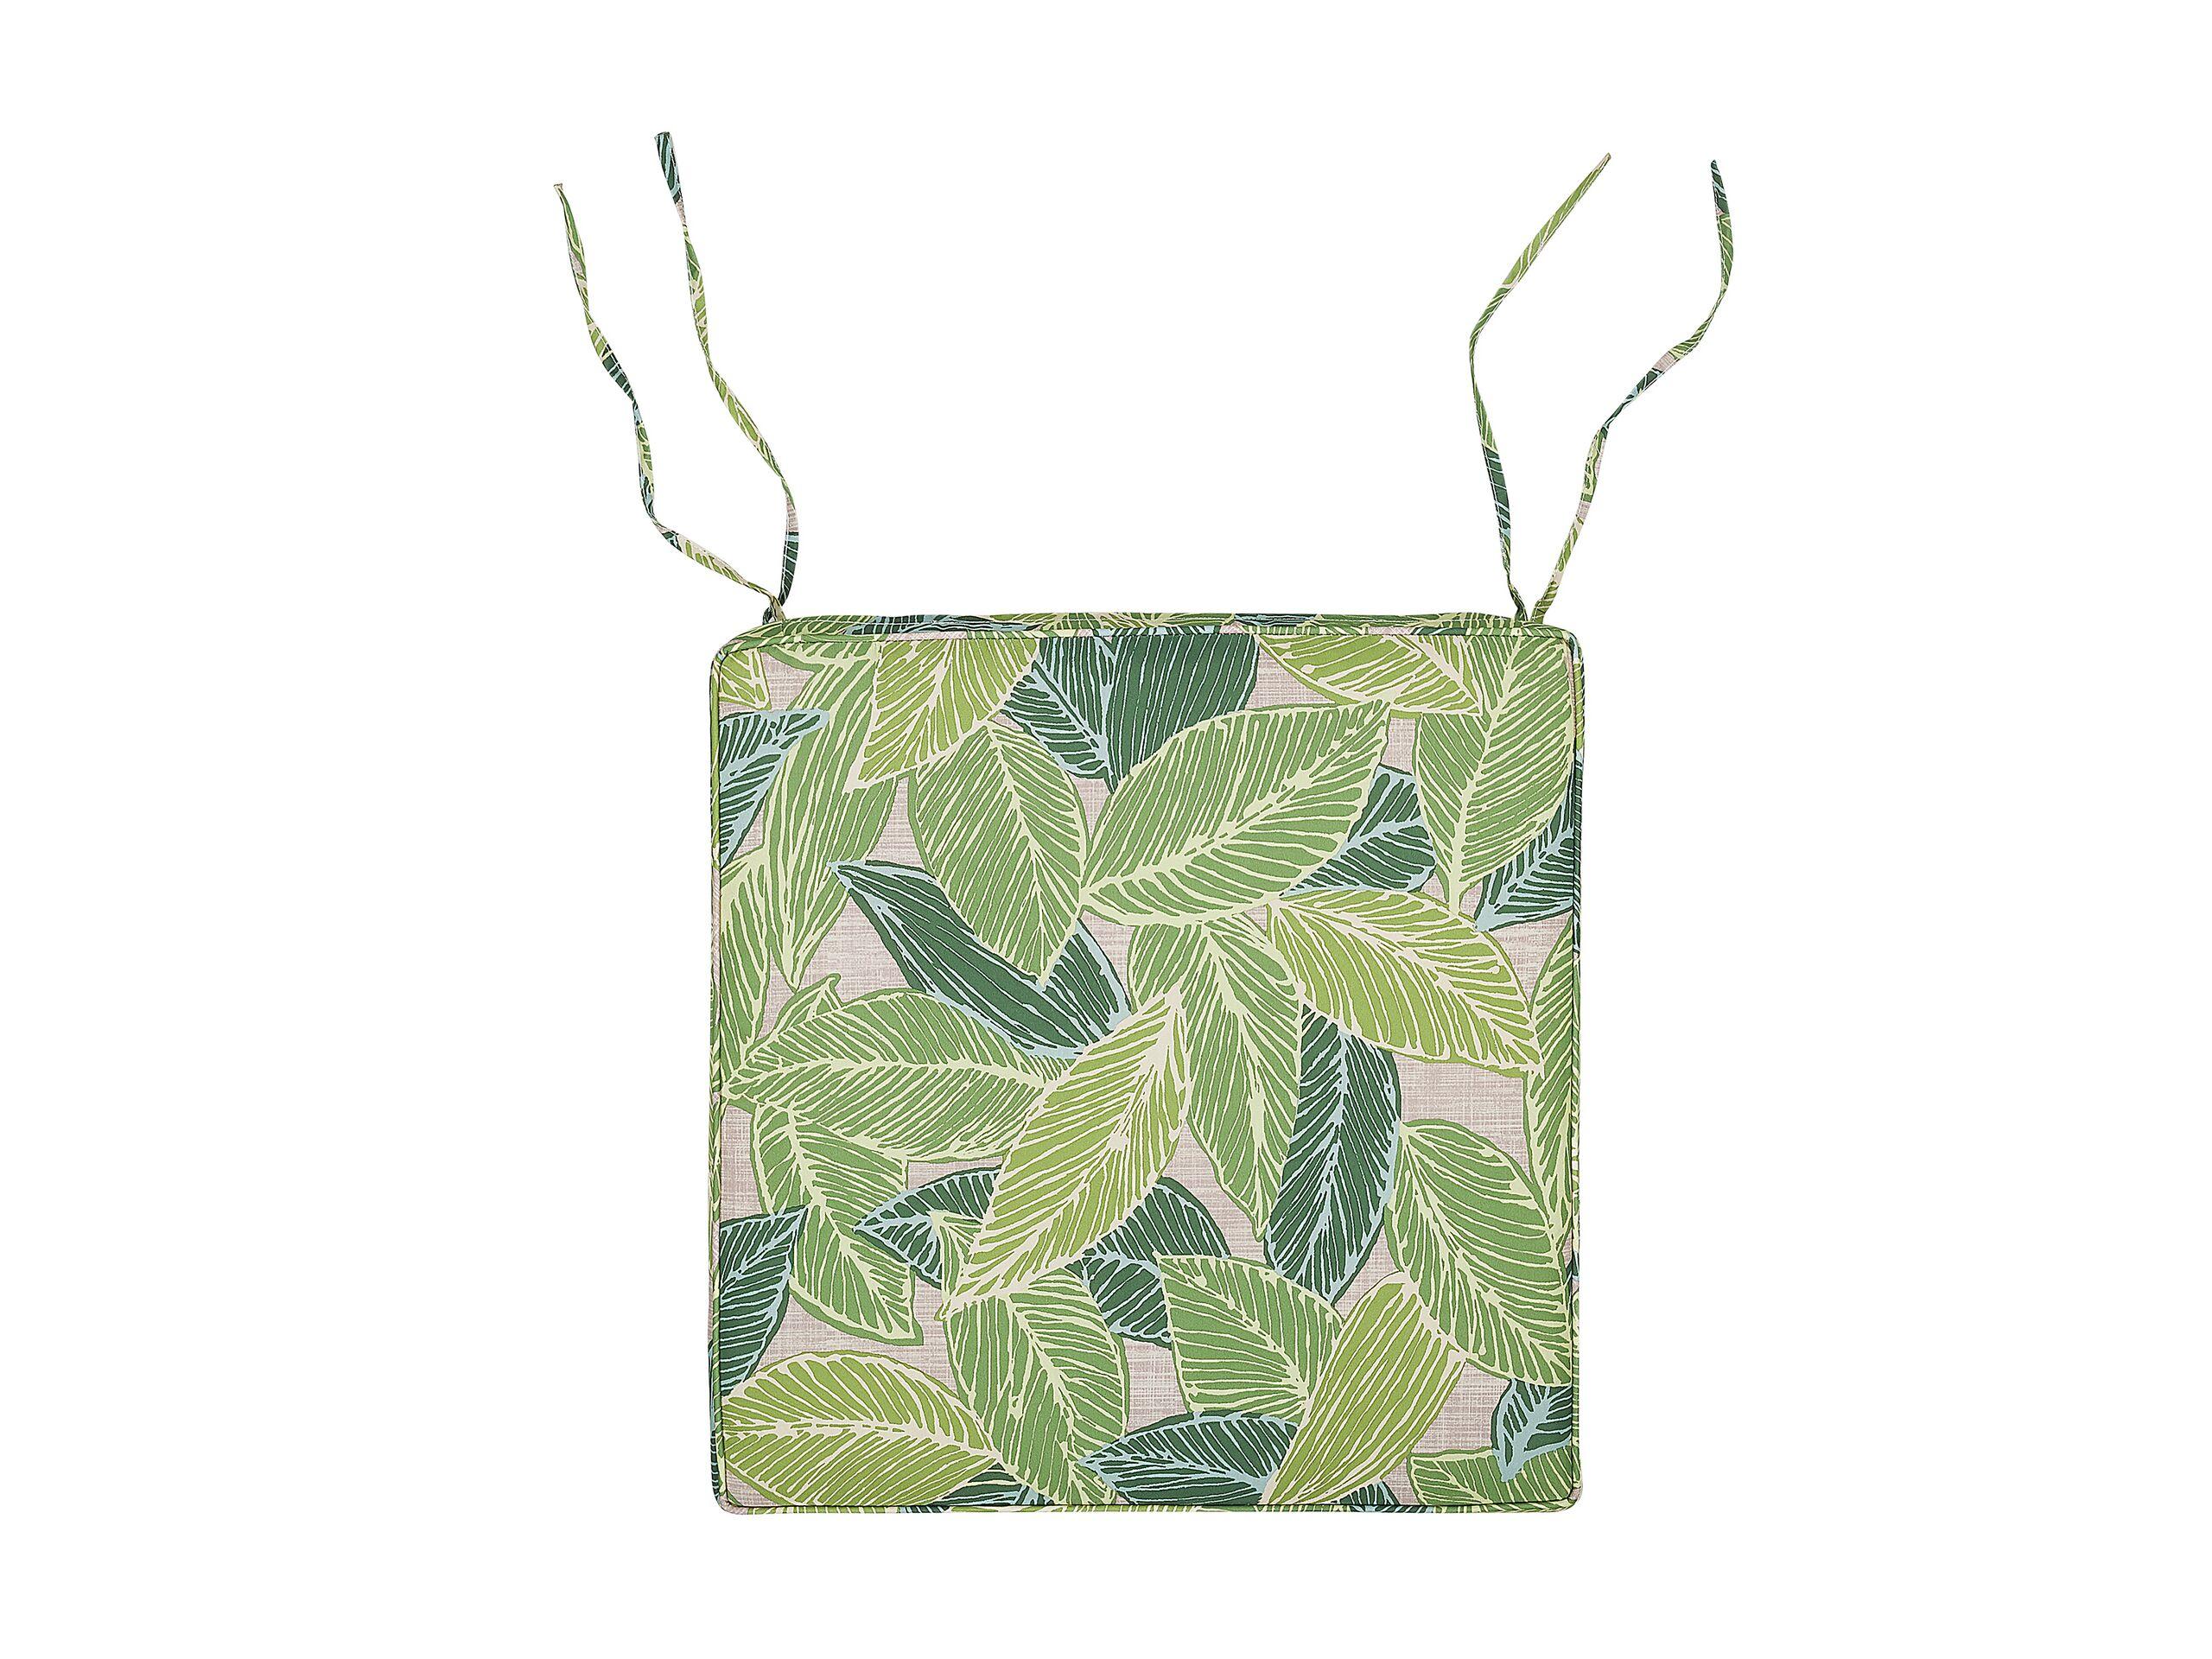 Coussin au motif feuilles vertes et beiges pour chaise 46x46cm